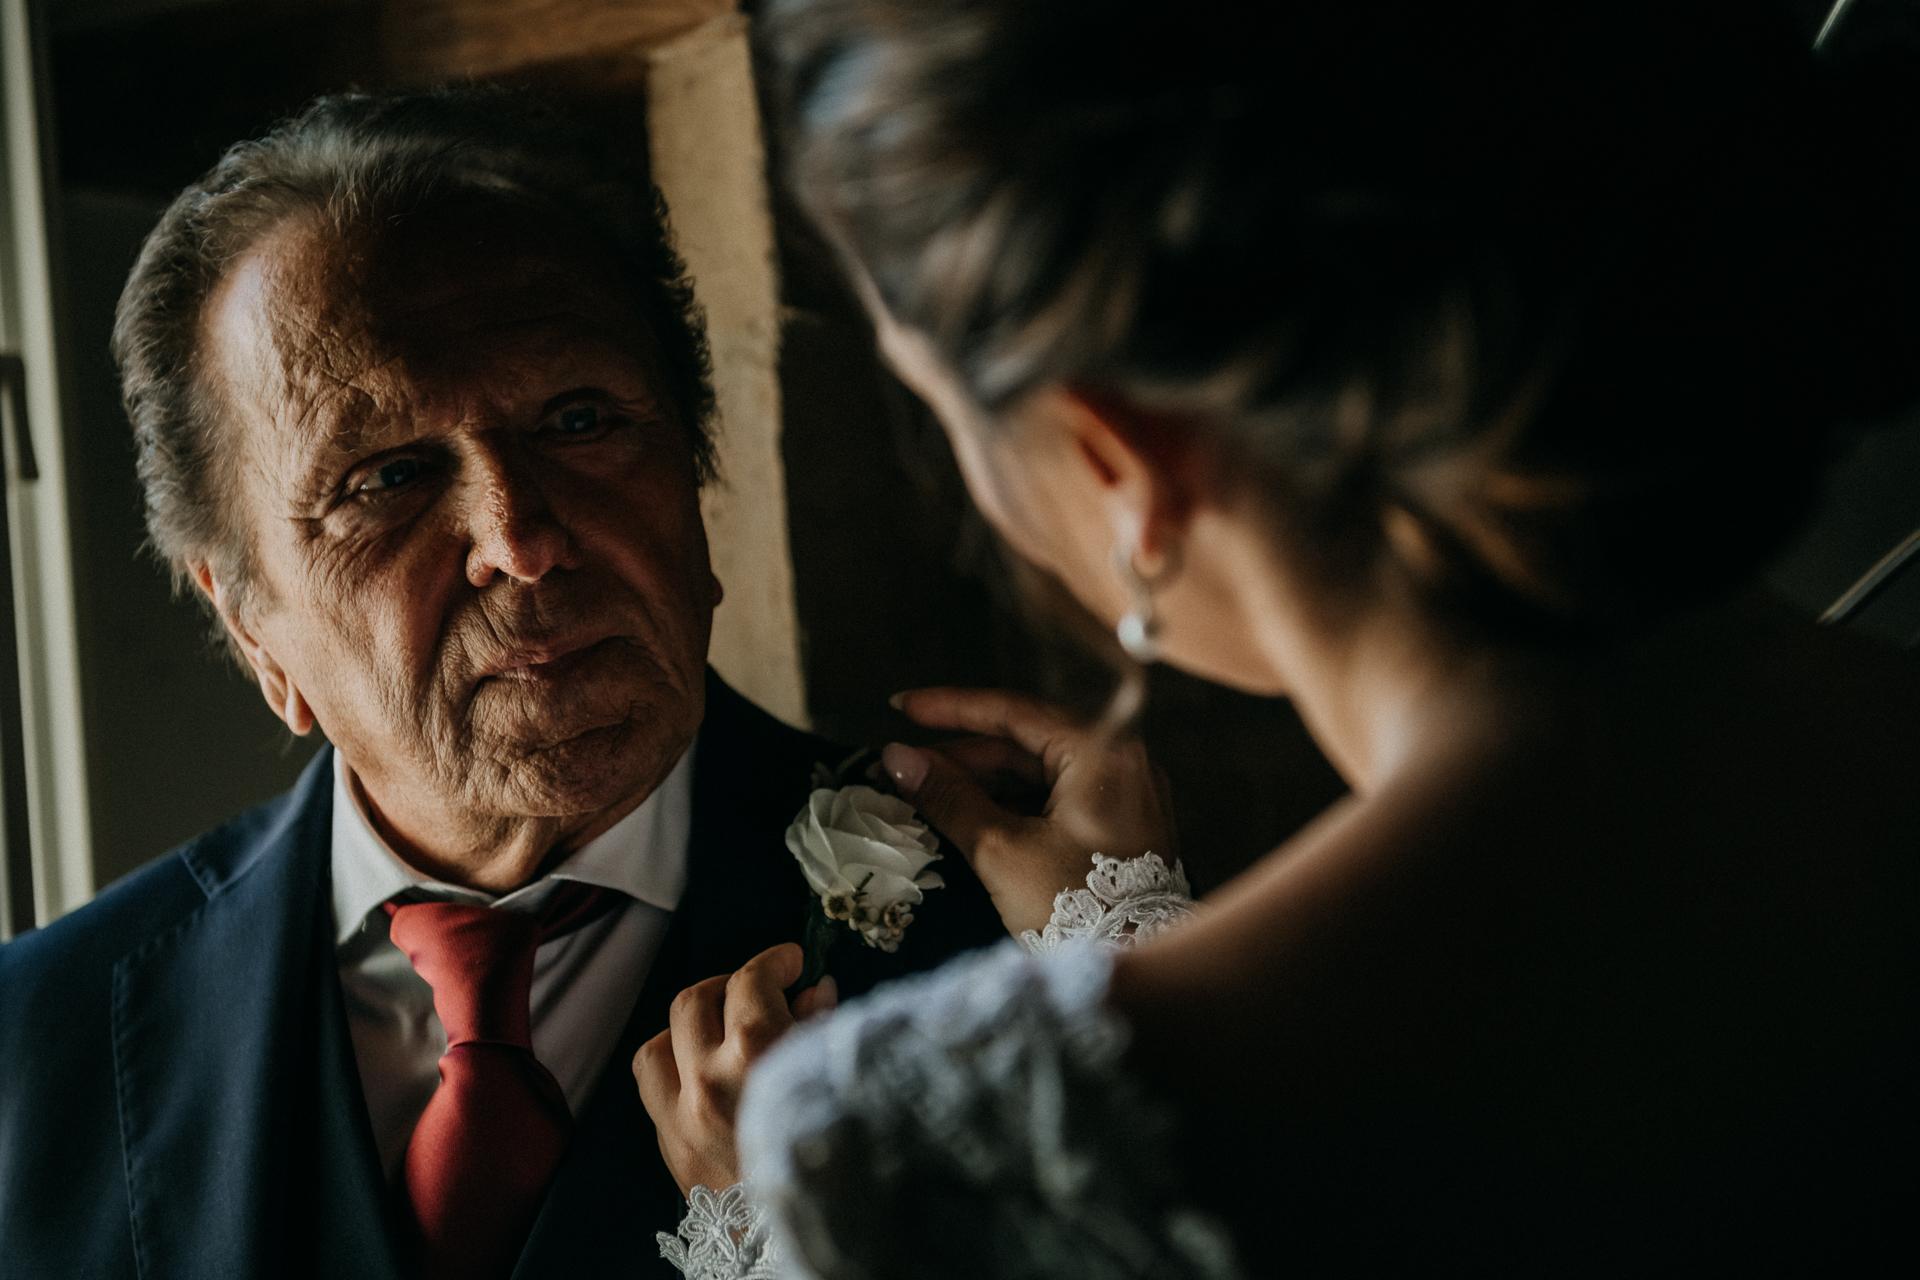 Trouwfoto van ouders die de emotie van de vader tonen met zijn dochter, de bruid terwijl ze zijn bloem op zijn jas speldt